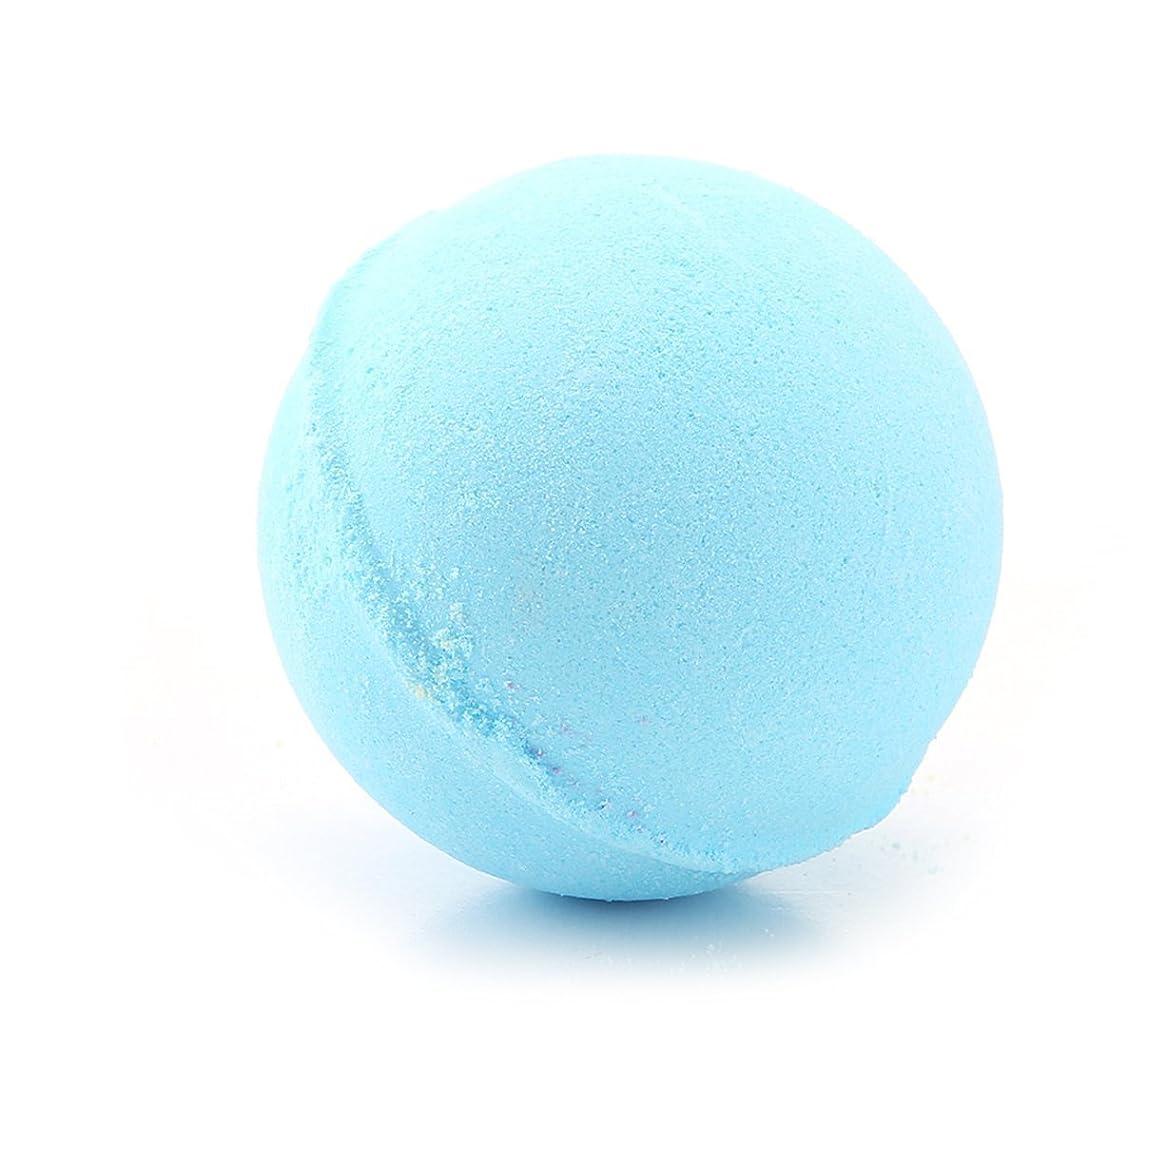 シャワー要旨不調和60g多色バスボールナチュラルバブルフィザーバスボムホームホテルバスルームボディスパ彼女の妻ガールフレンドのためのバースデーギフト-ブルー